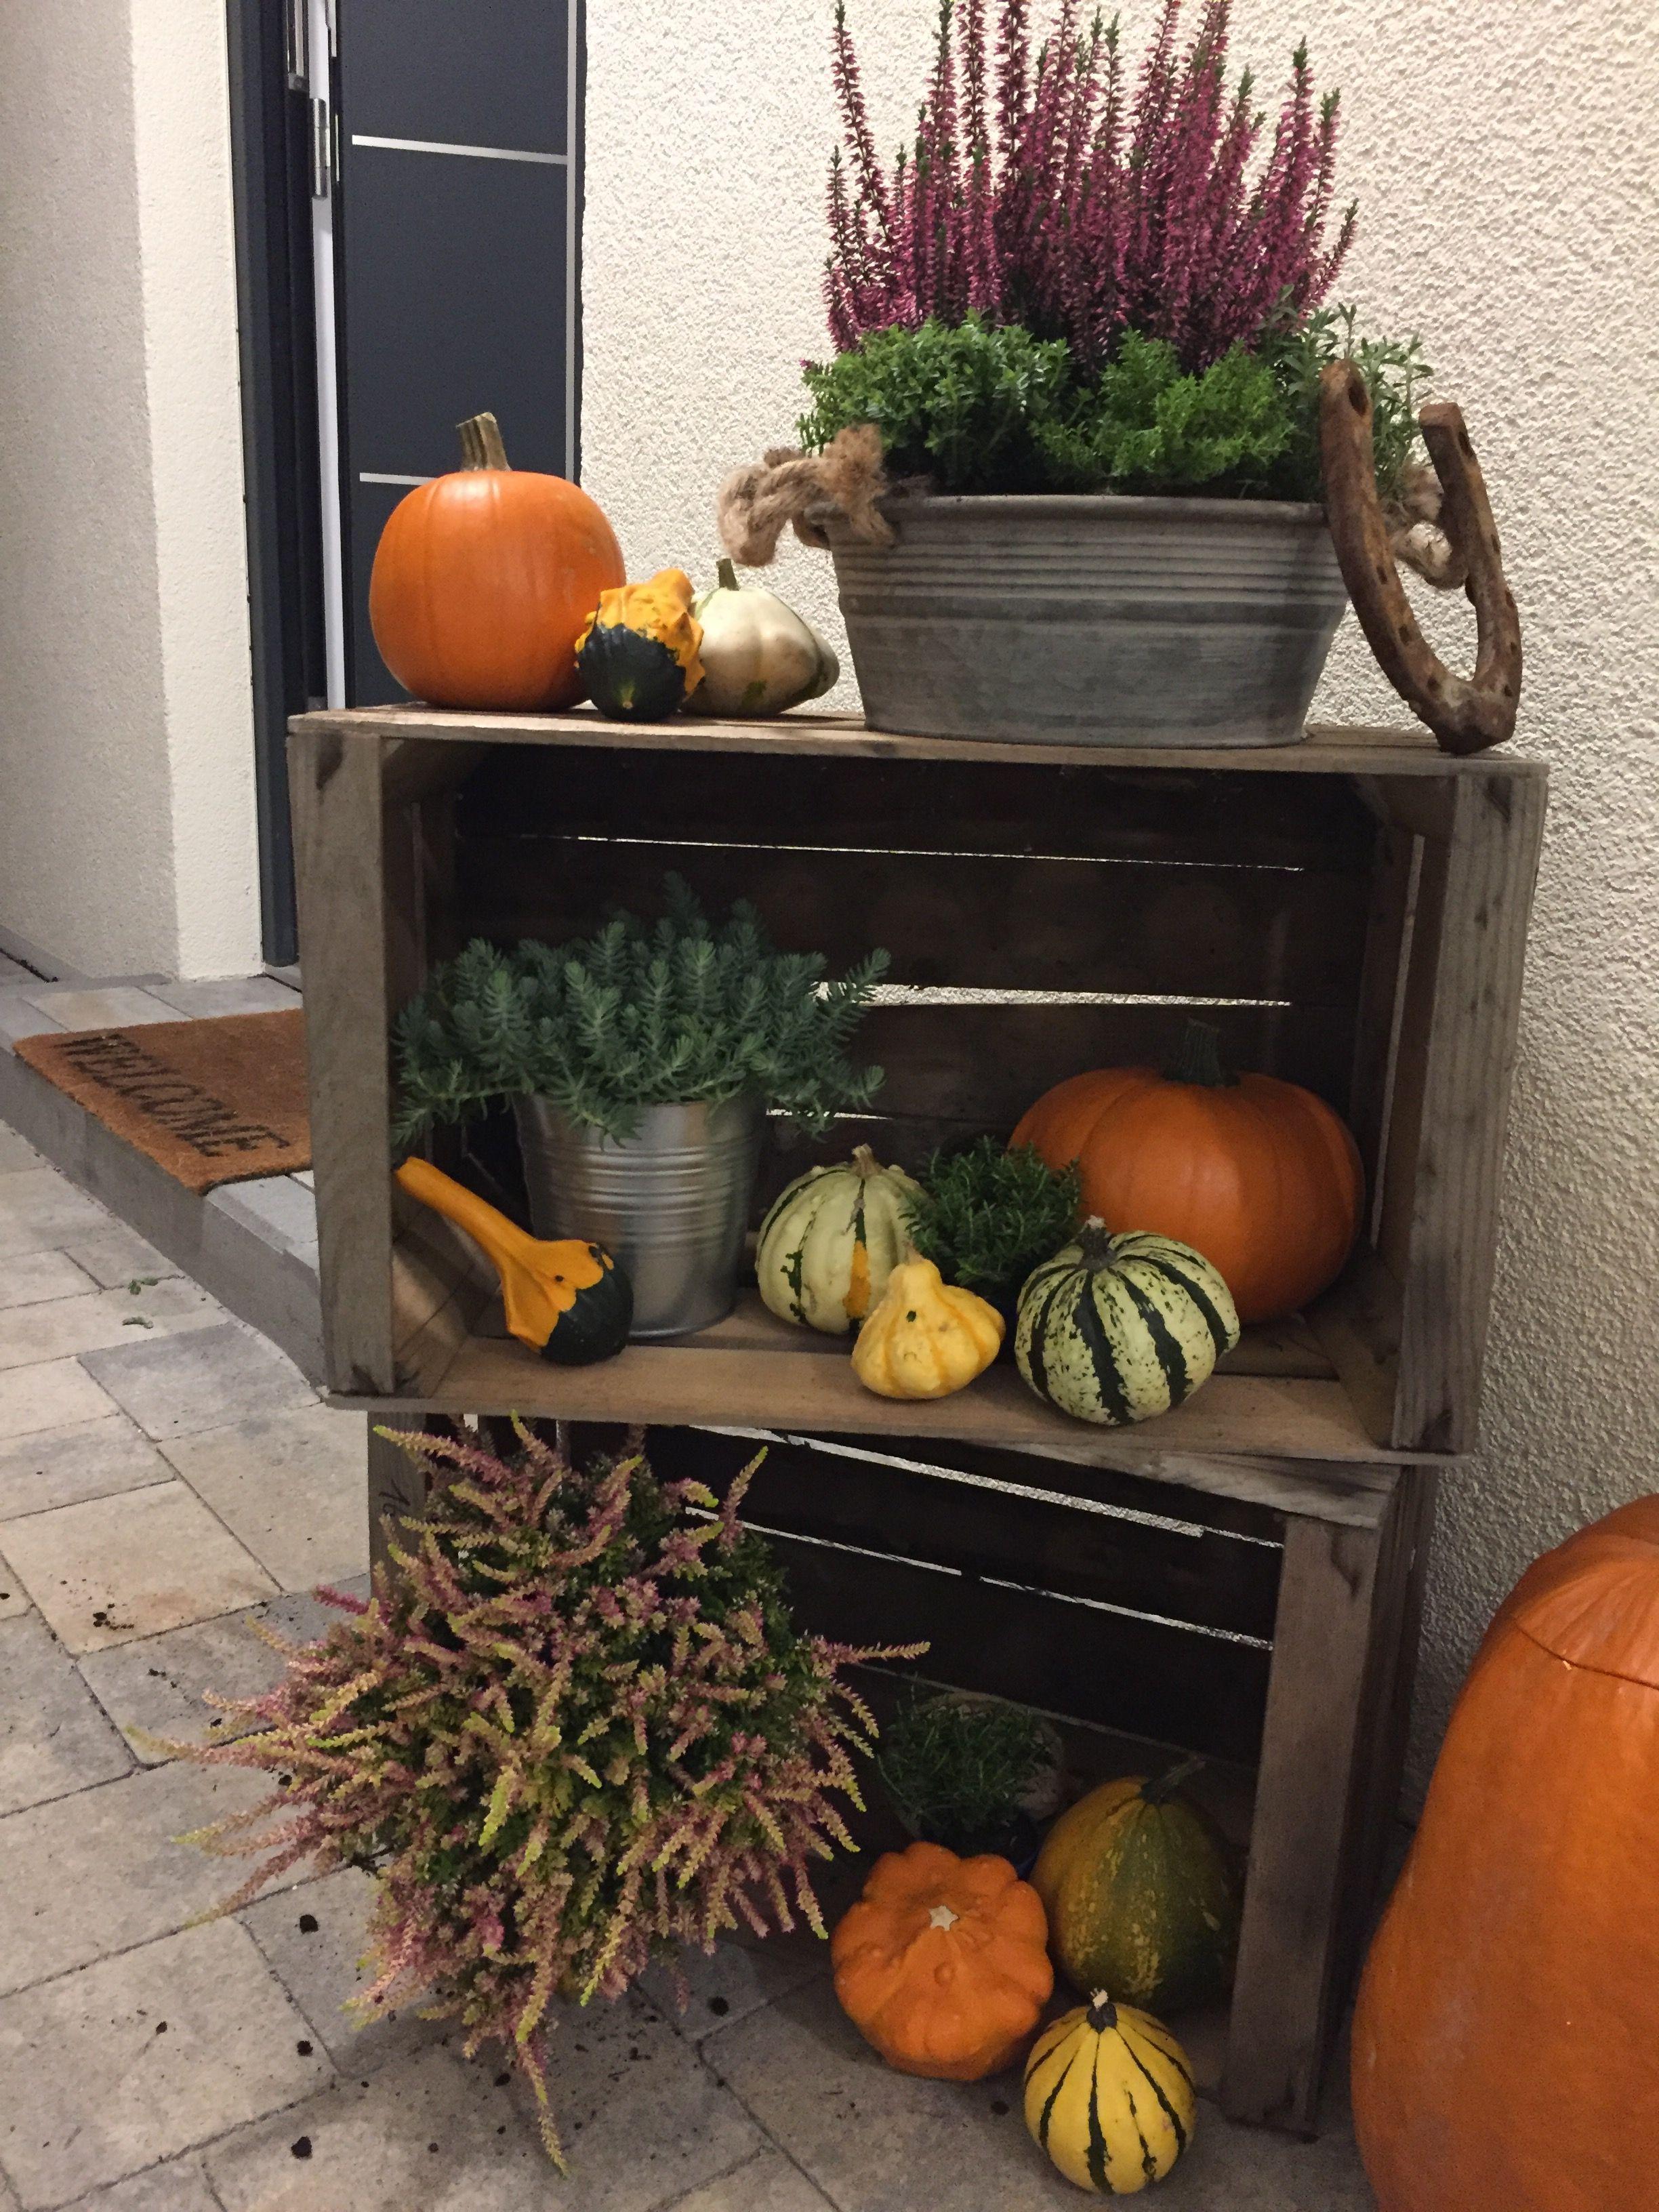 Herbst Dekoration Eingang #dekohauseingang